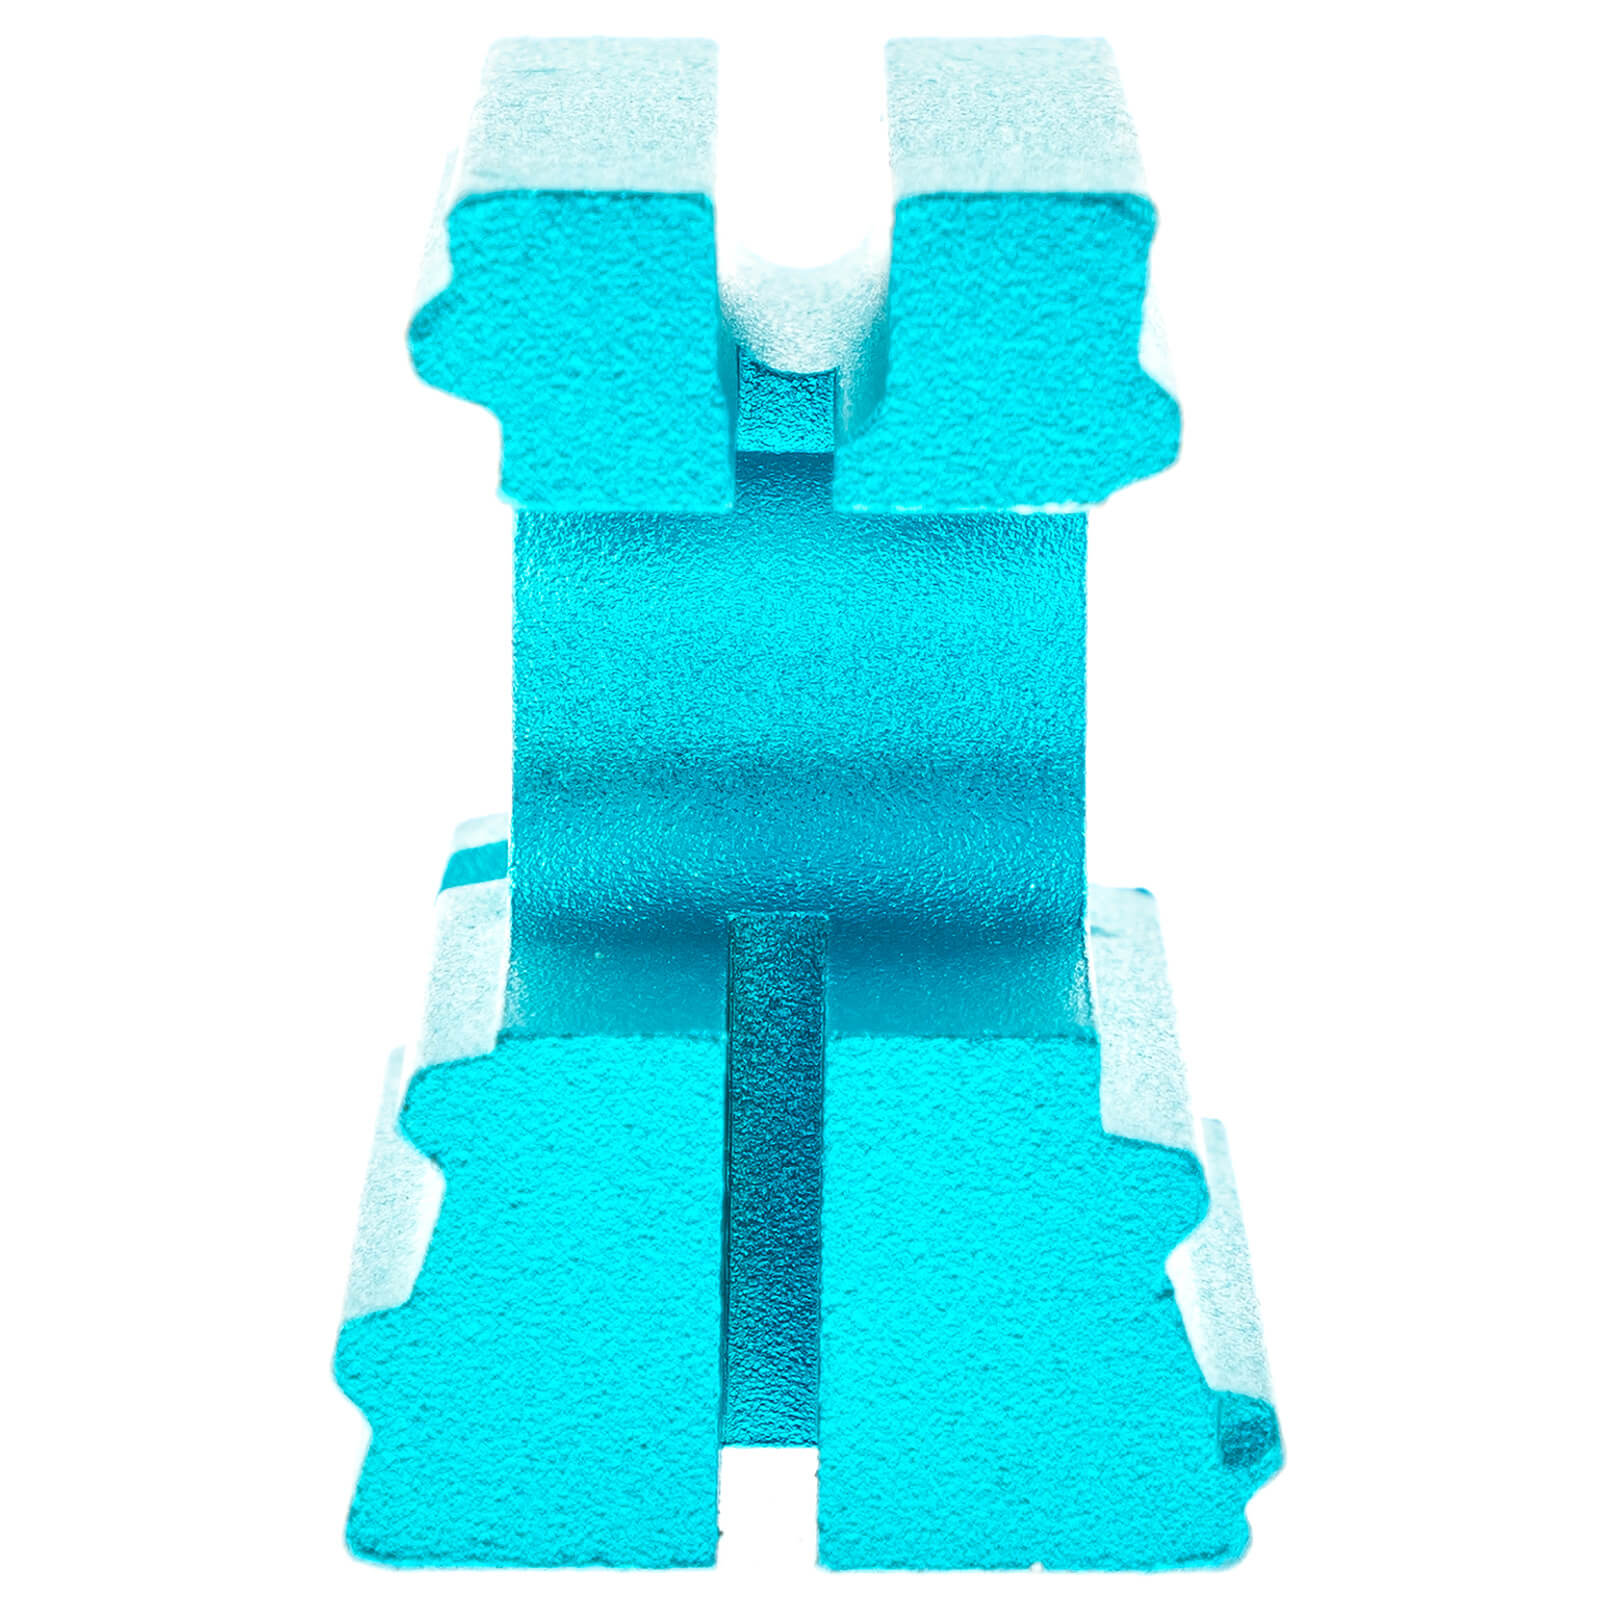 zahnriemen wechsel werkzeug nockenwellen arretierung opel corsa astra zafira neu ebay. Black Bedroom Furniture Sets. Home Design Ideas